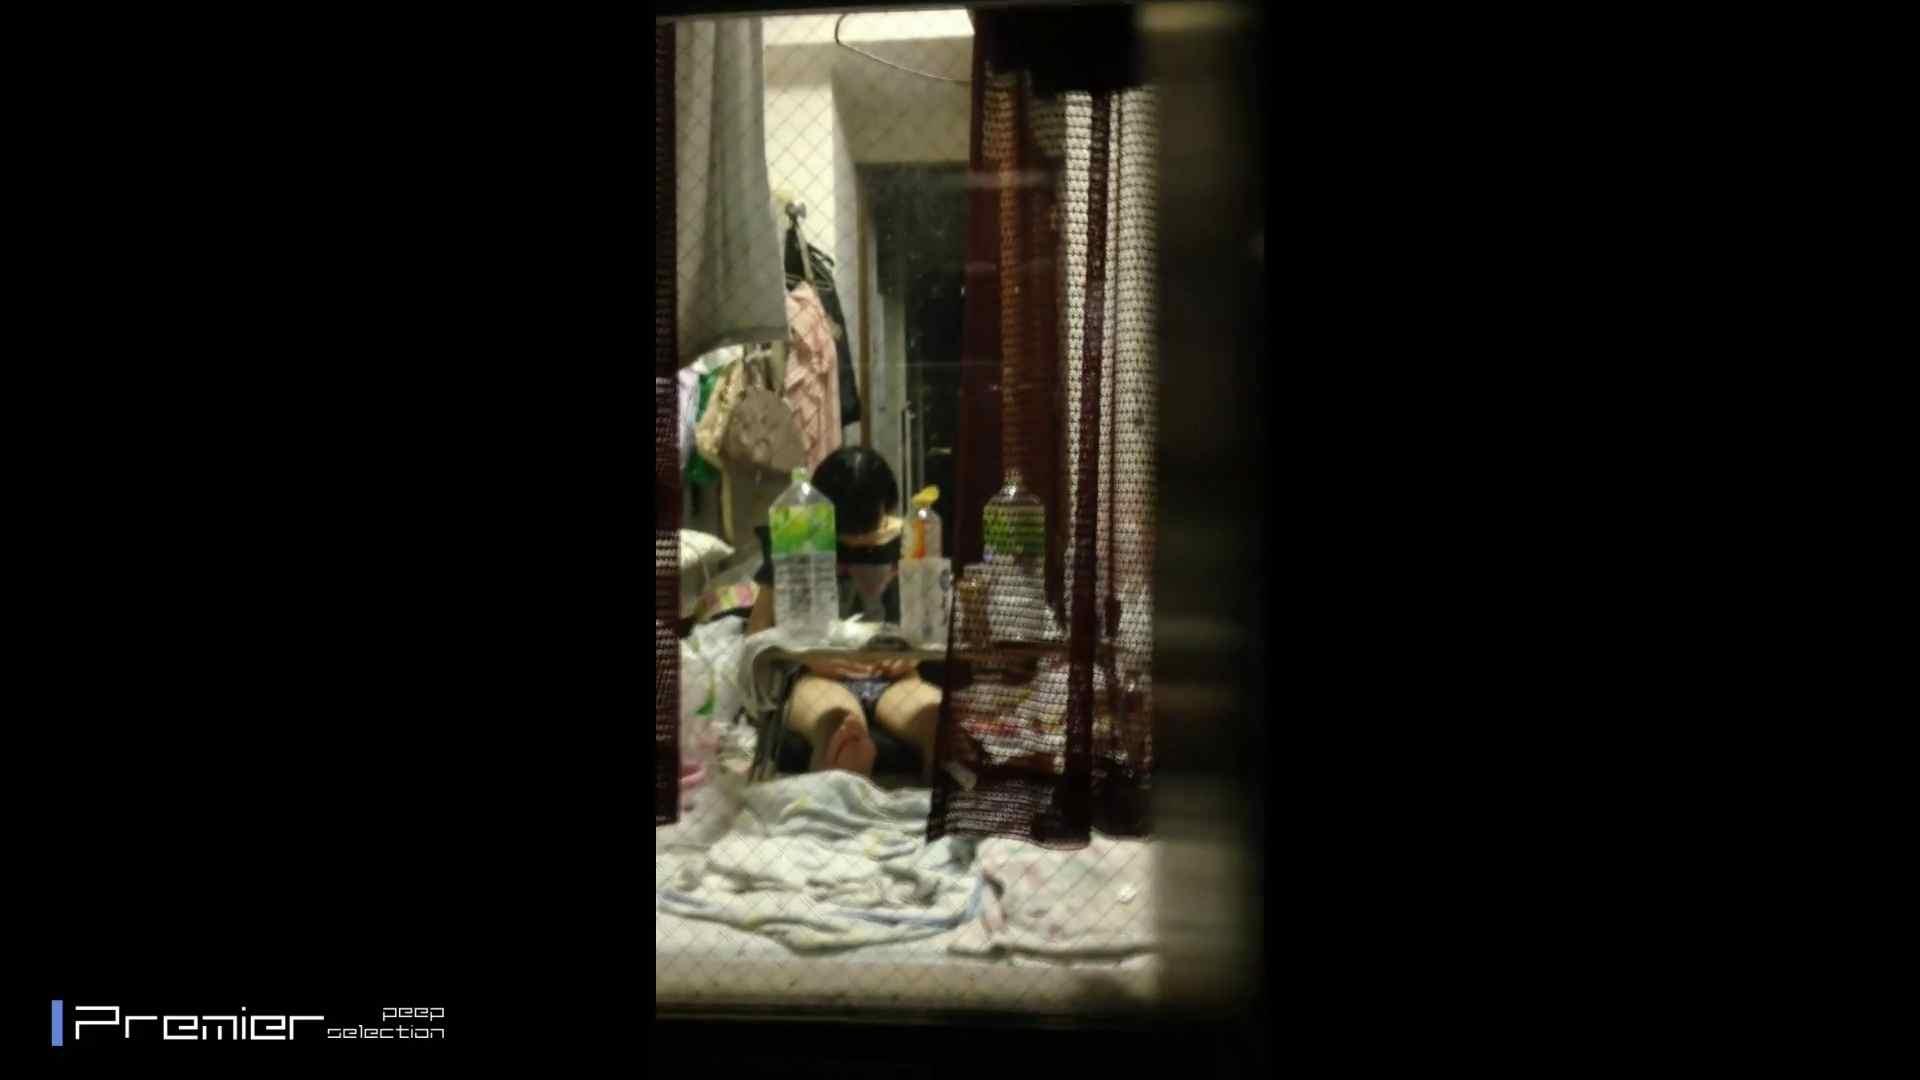 美女達の私生活に潜入!可愛い女子大生のプライベートに潜入 プライベート映像お届け  24連発 15